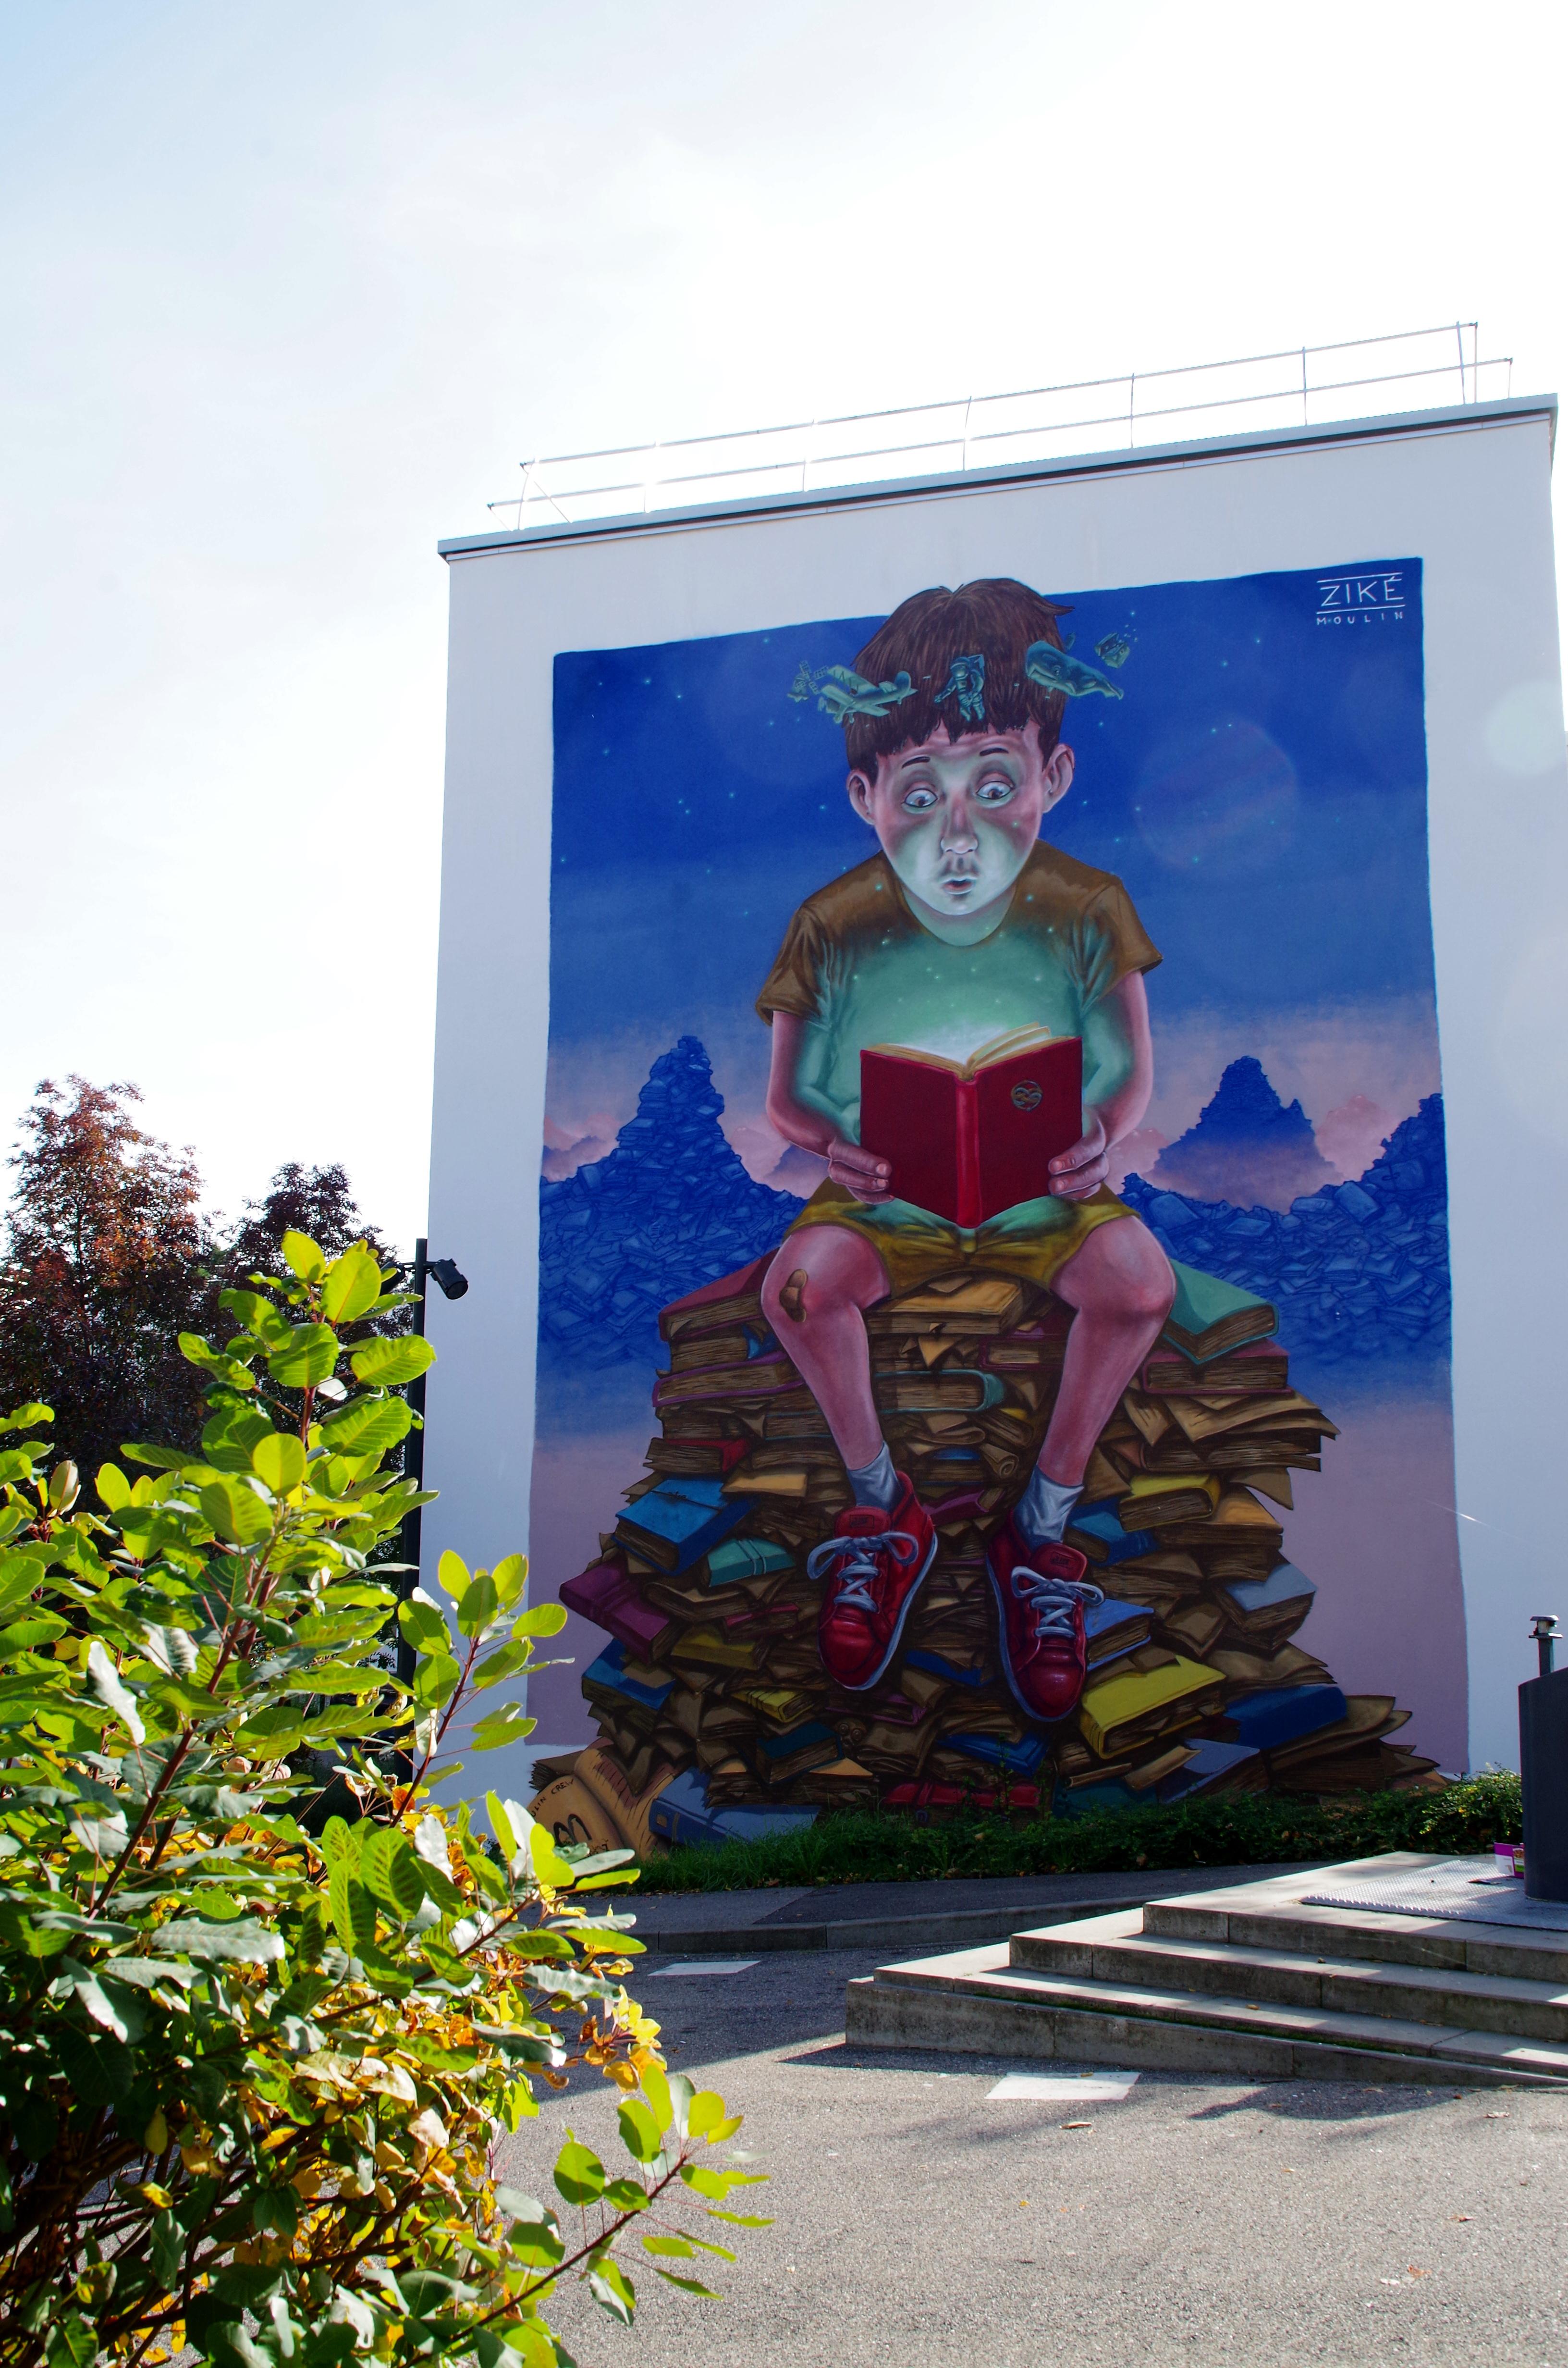 Peindre Une Fresque Sur Un Mur www.toul.fr - sur les murs